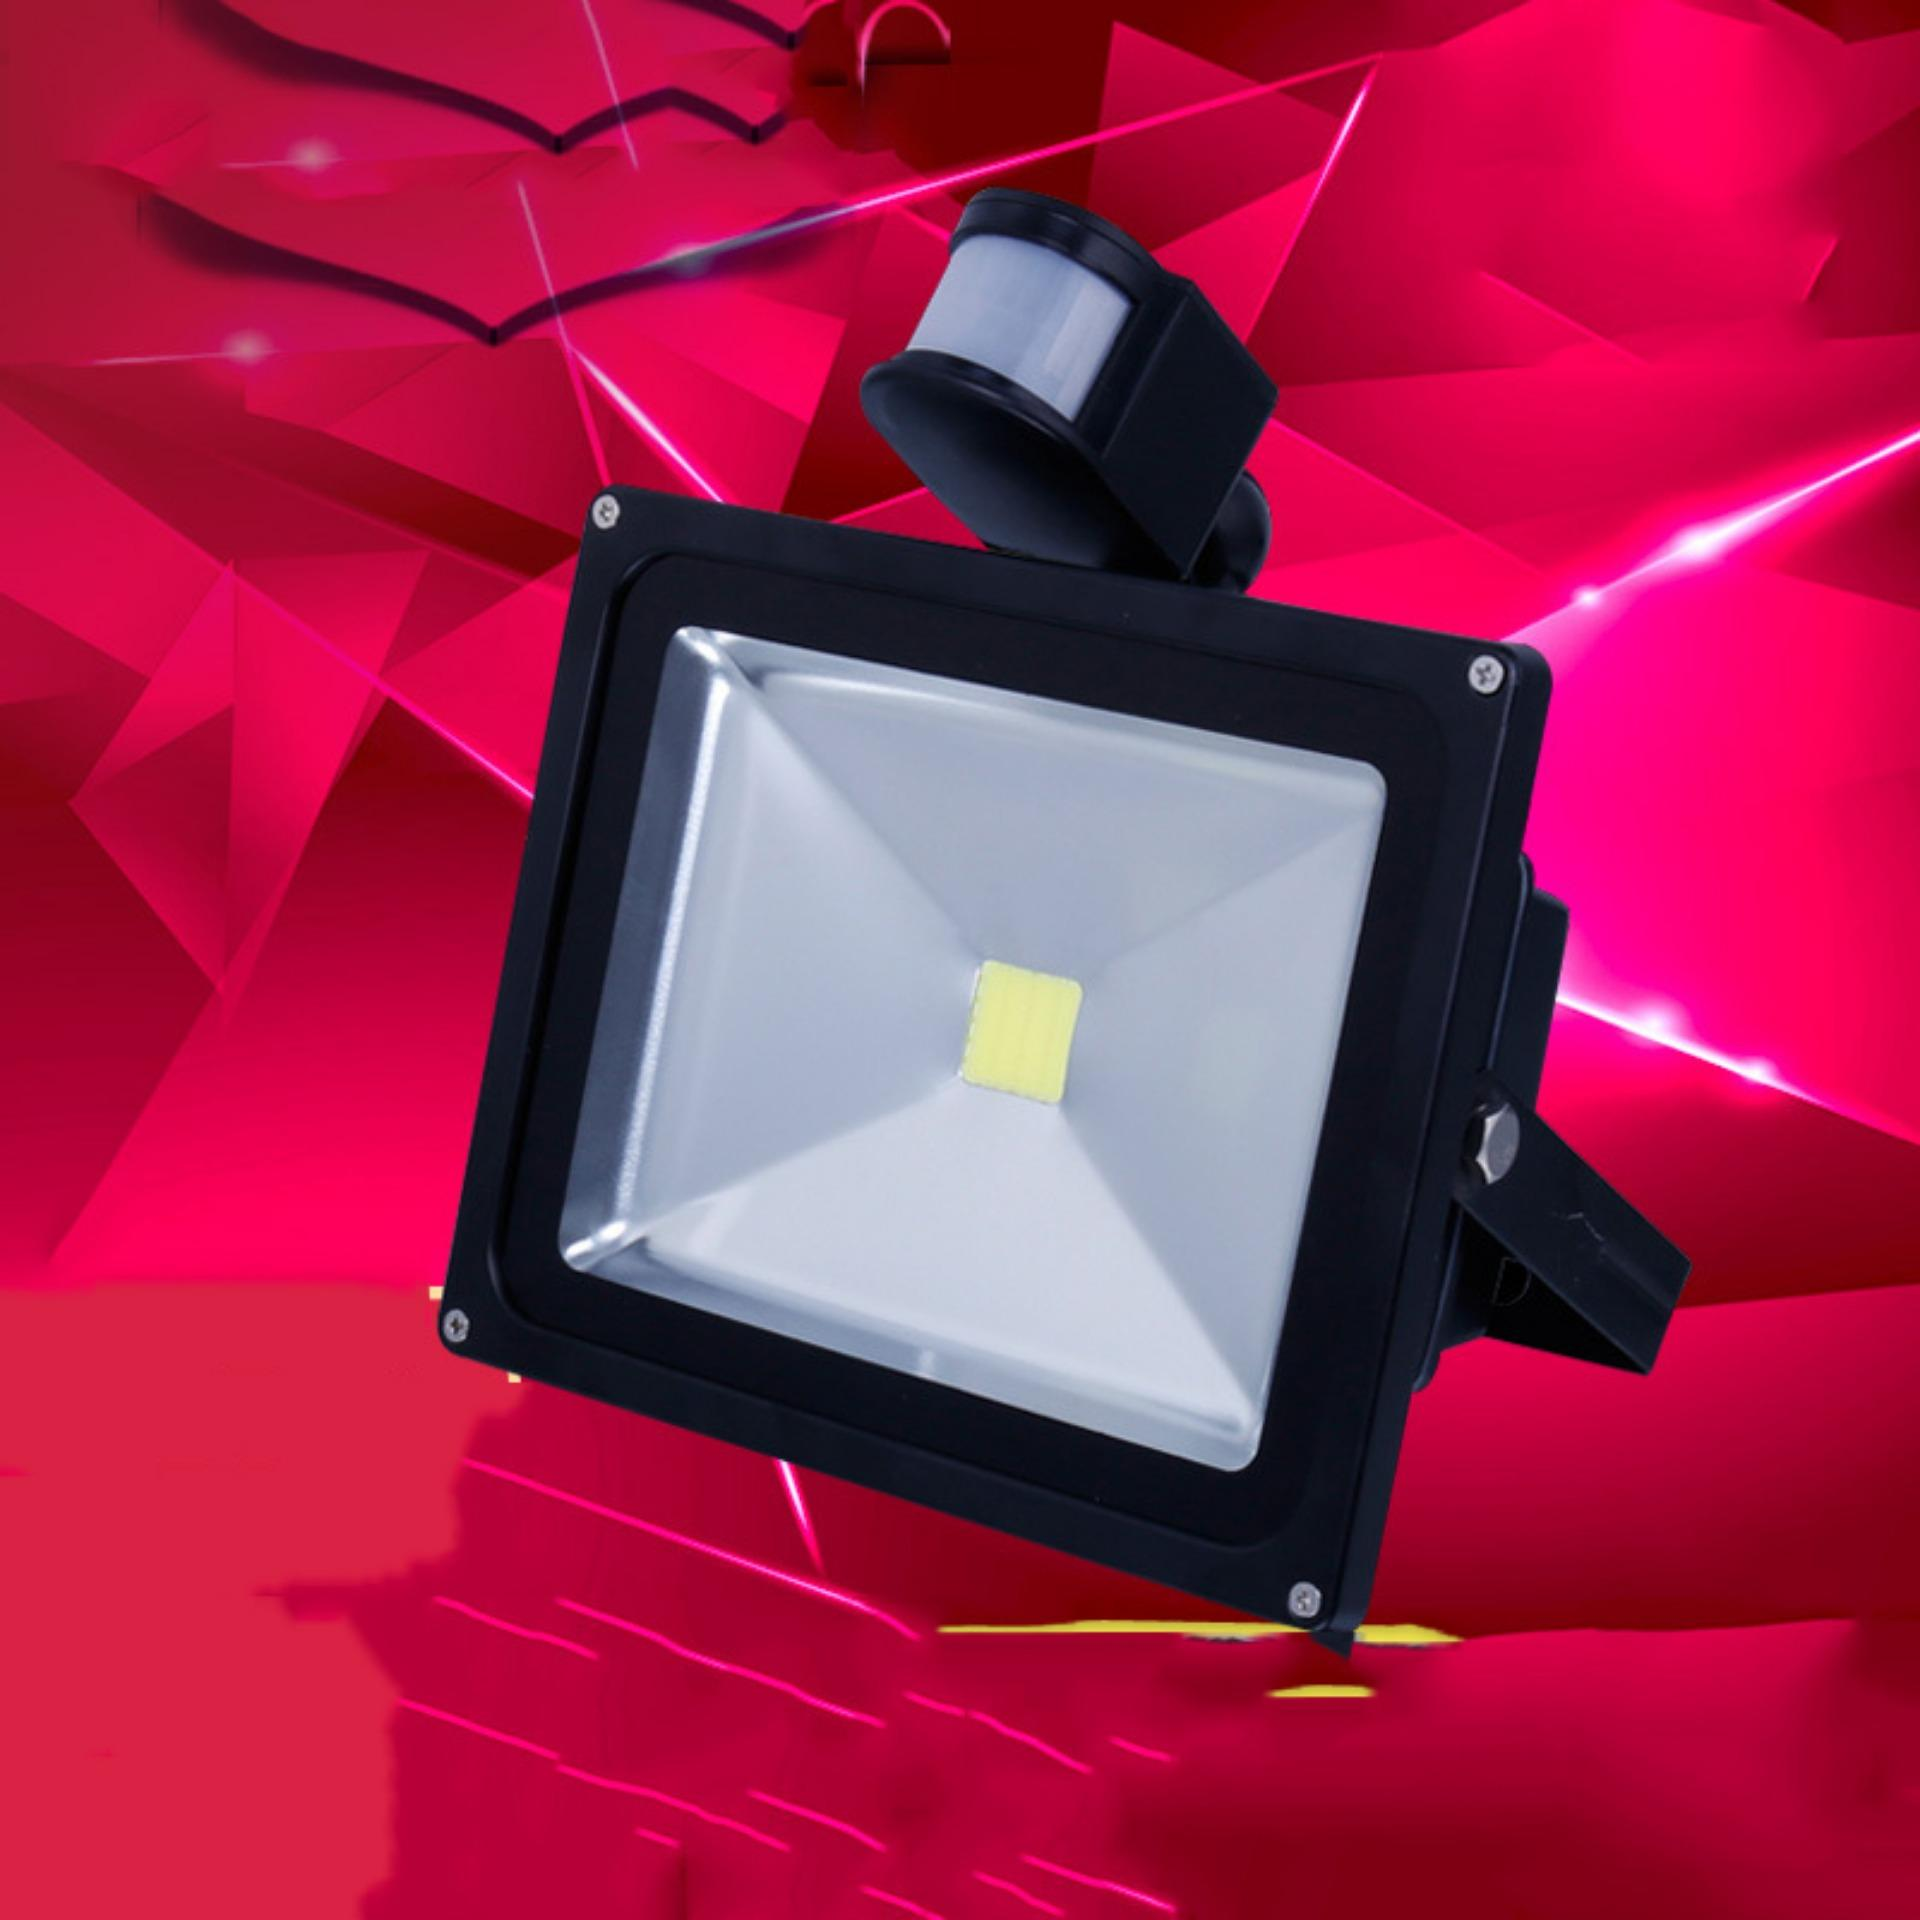 Chỗ nào bán Đèn Cảm Biến Ánh Sáng, Chống Trộm Ban Đêm – Đèn Pha Led 30W Siêu Sáng Tiết Kiệm Điên 70%